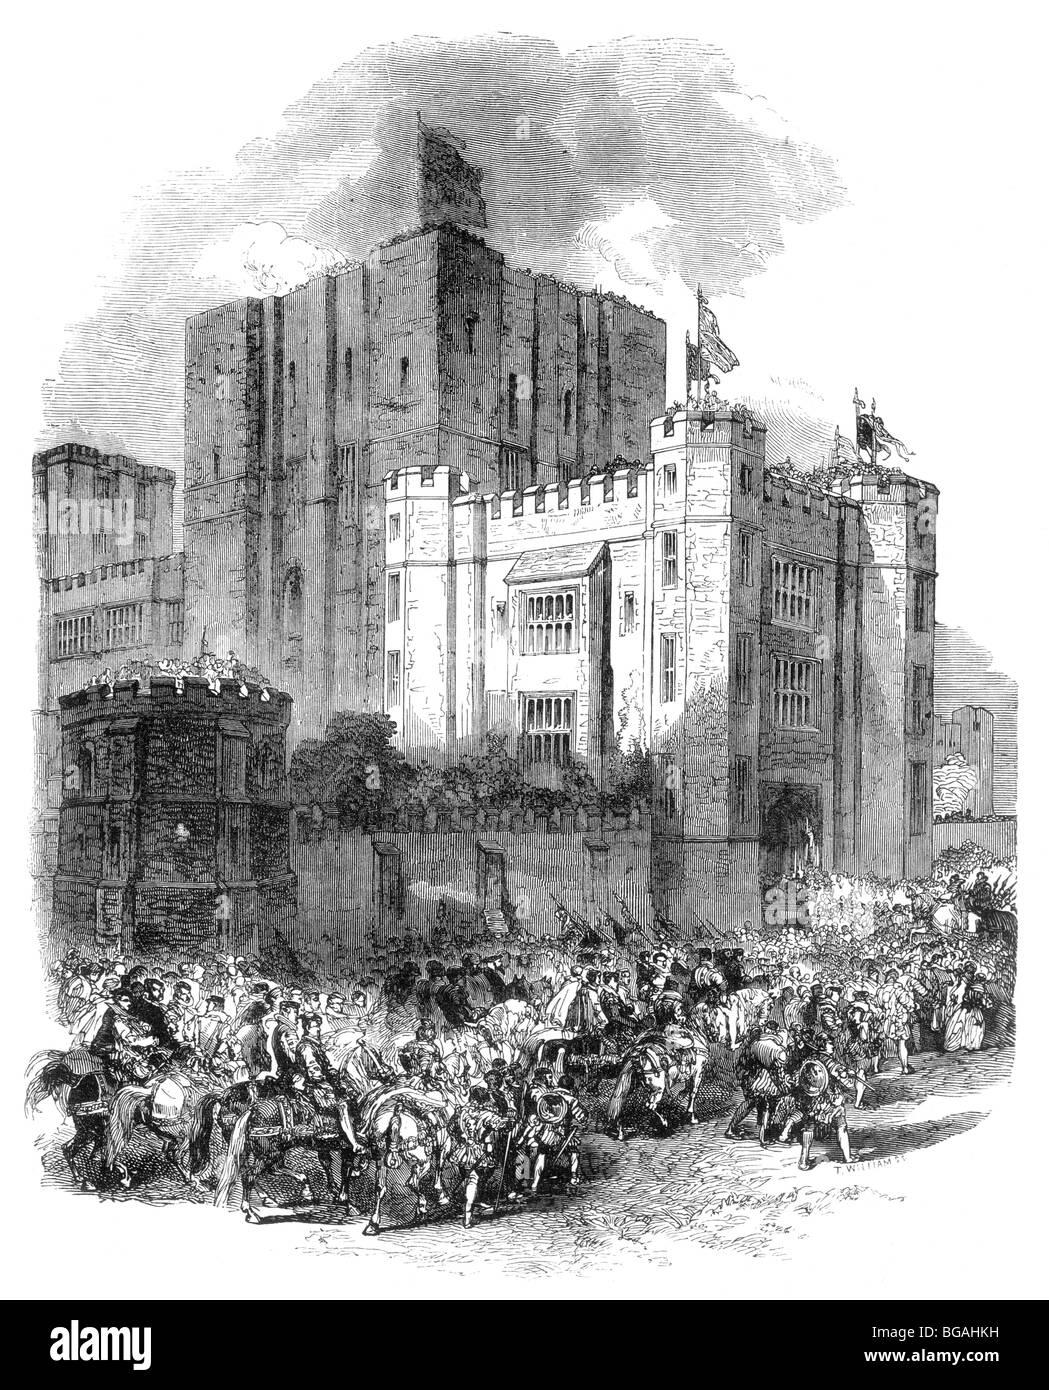 Abbildung; Die Ankunft der Königin Elizabeth I bei Kenilworth Castle 1572 Stockbild